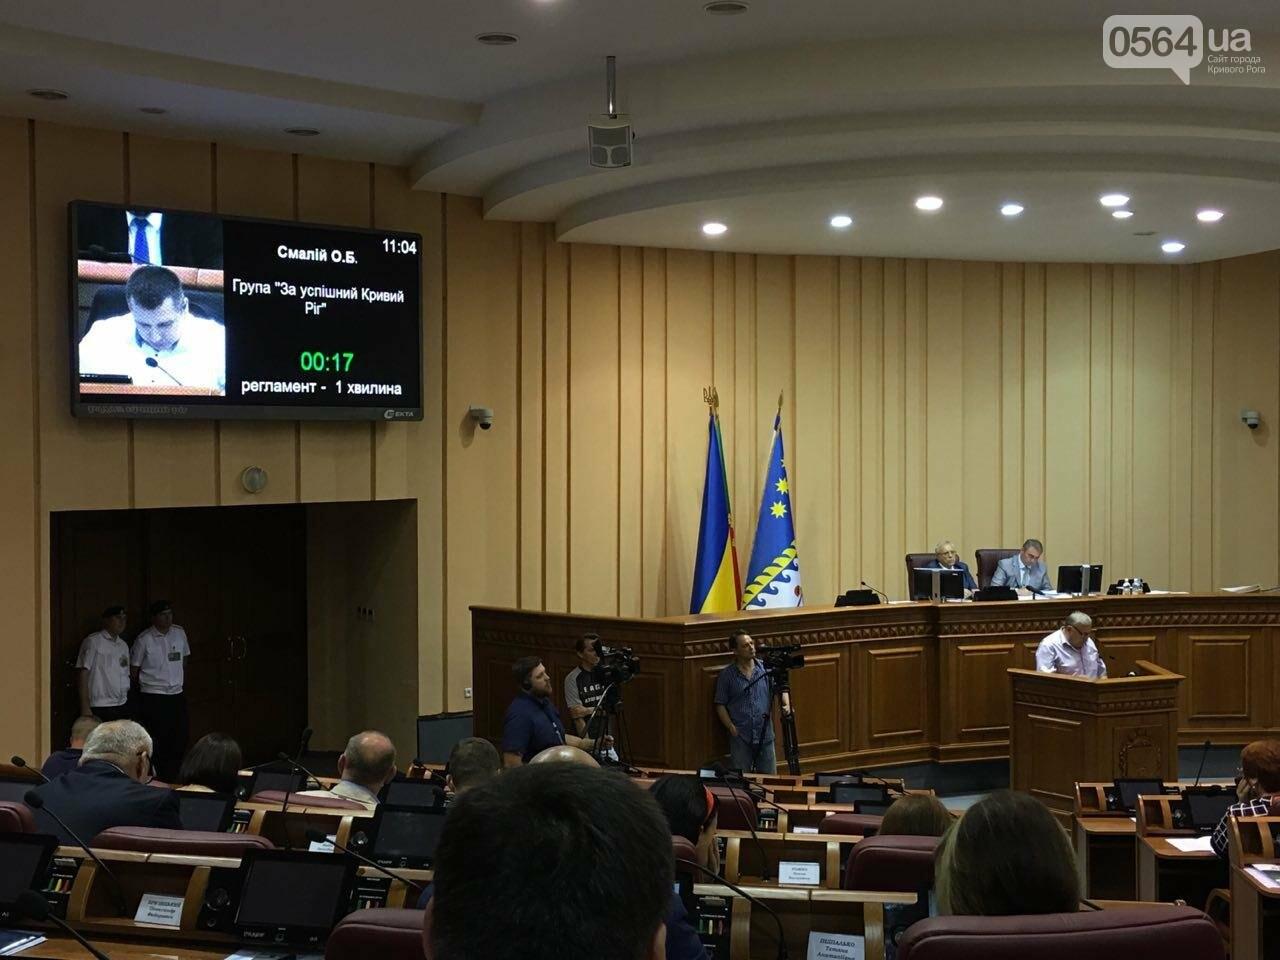 Тариф в маршрутках Кривого Рога  не снизится - депутаты рассмотрели петицию, - ФОТО, фото-6